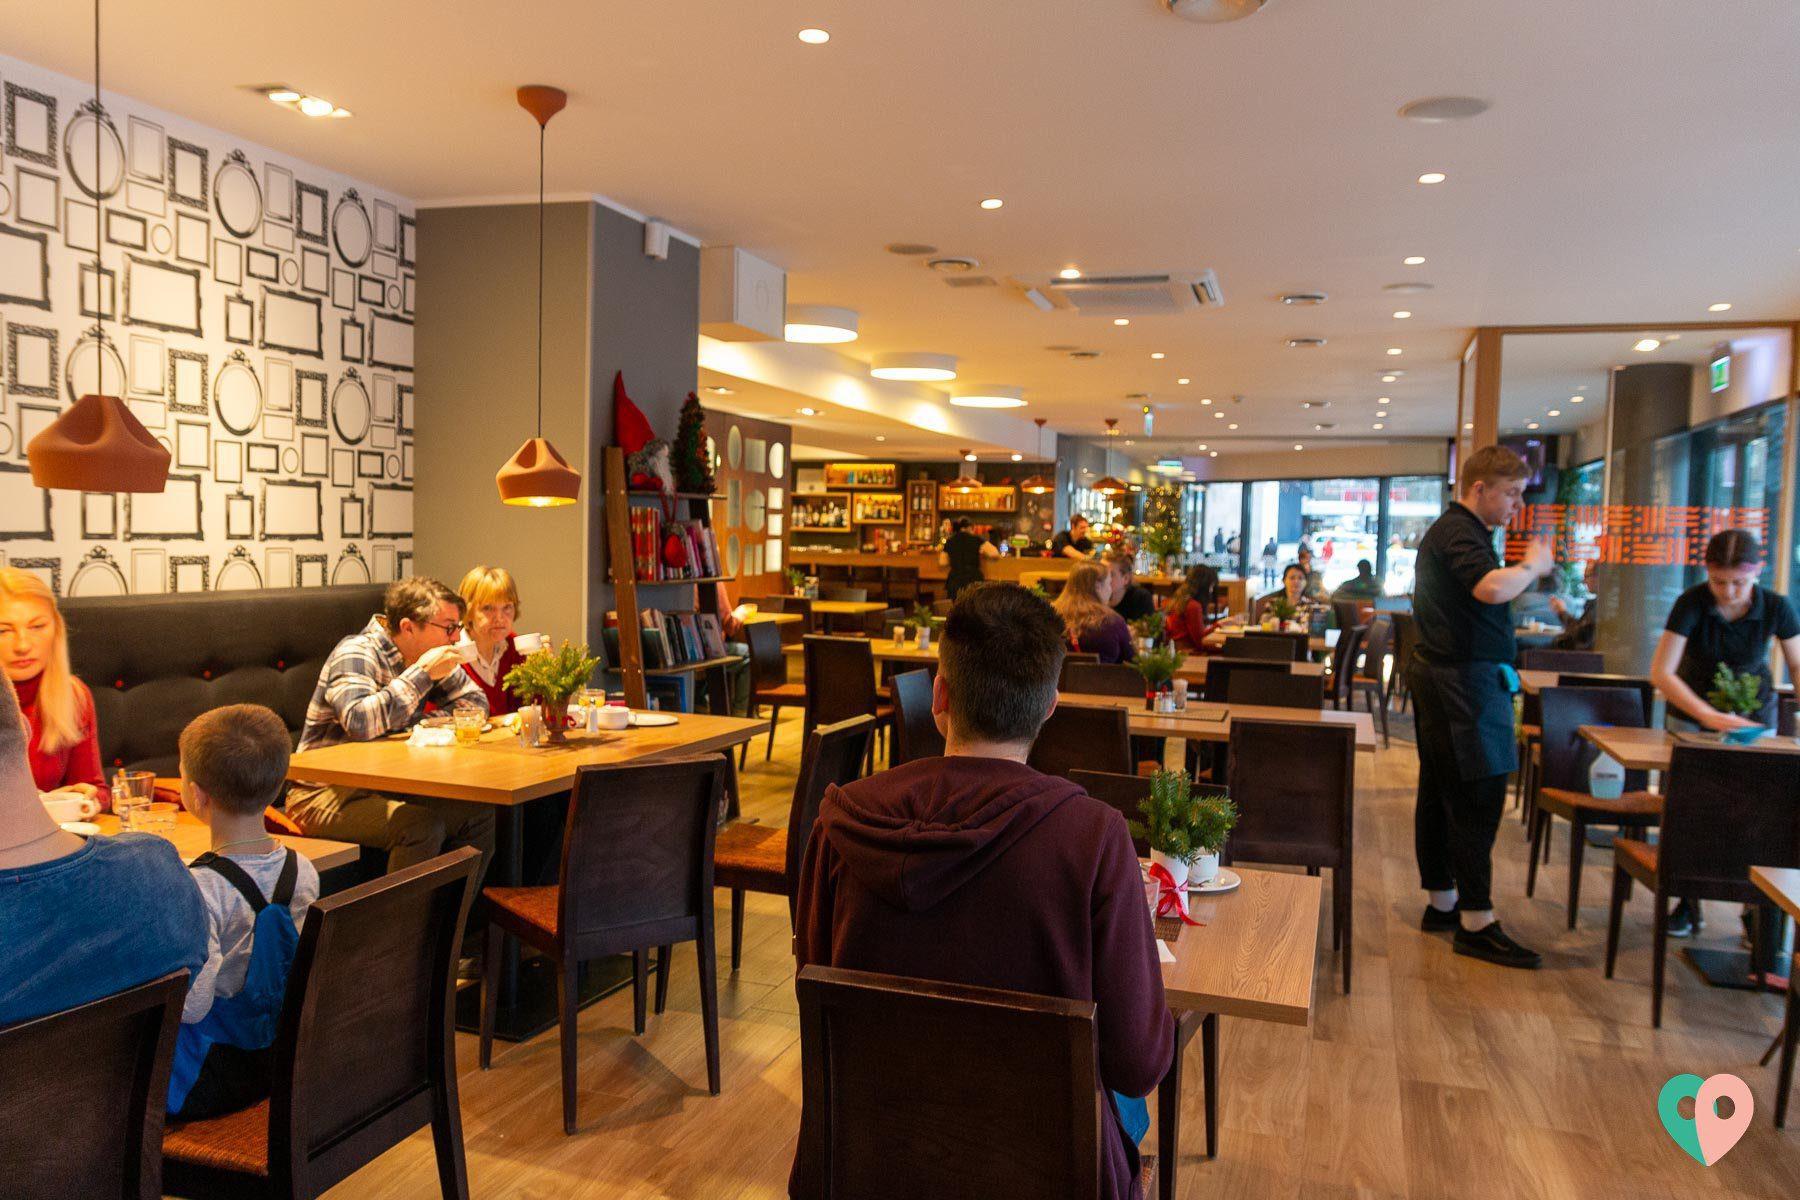 Das Go Hotel Shnelli in Tallinn - preiswerte Unterkunft in Zentrumsnähe